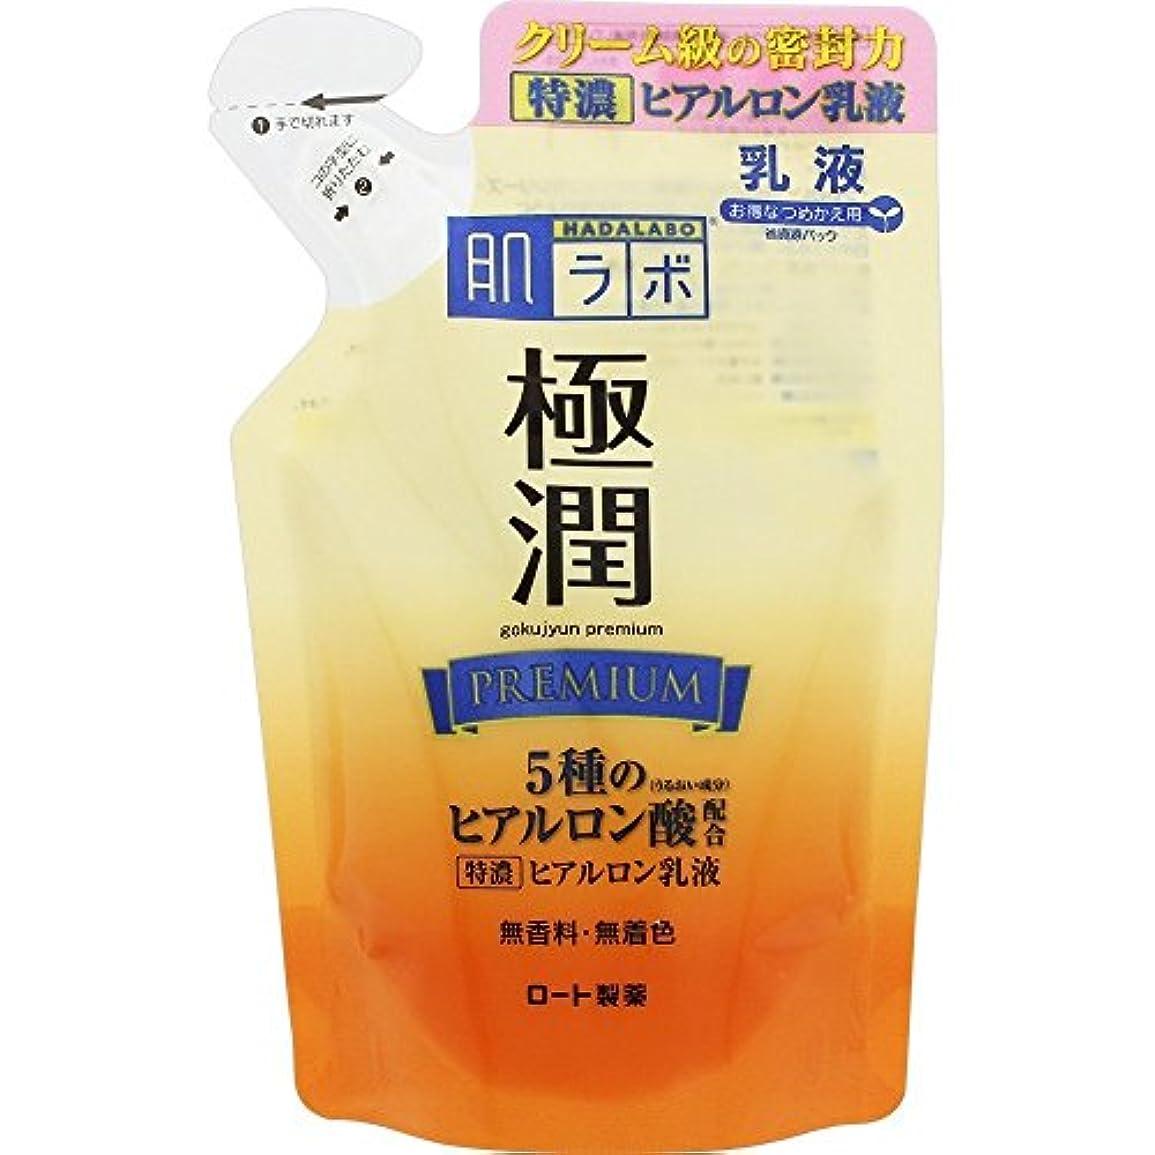 感謝しているポンドアトミック肌ラボ 極潤プレミアム ヒアルロン乳液 <つめかえ用> 140mL